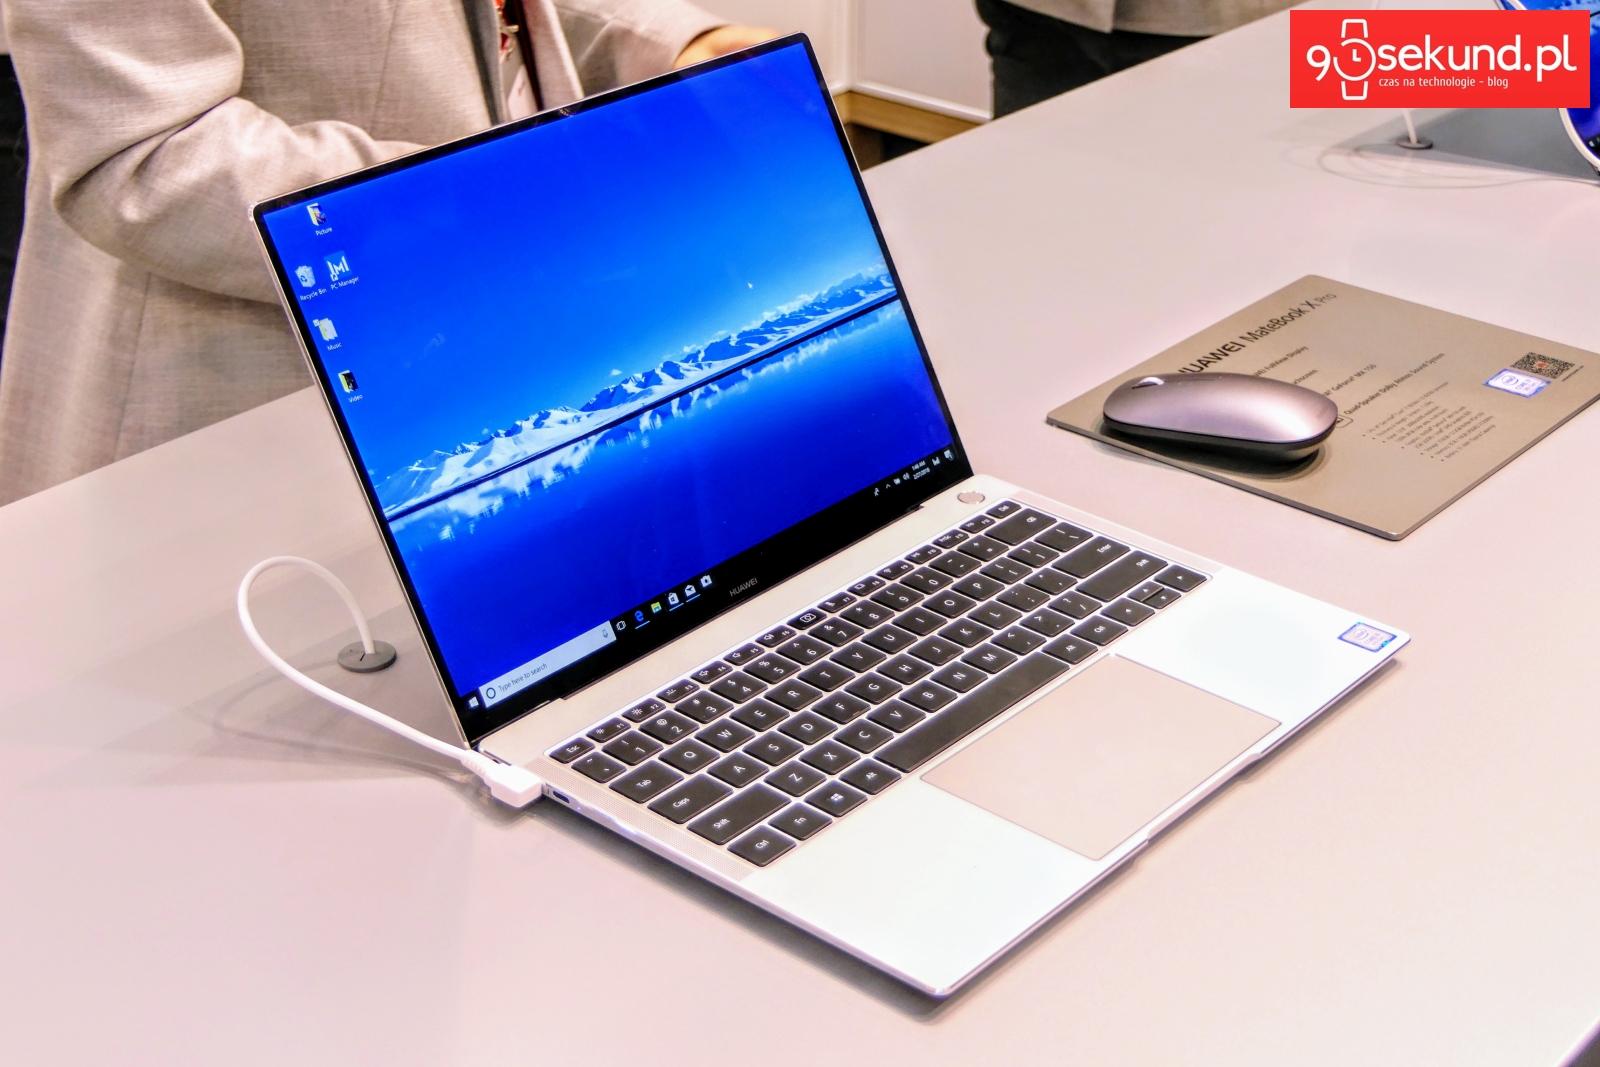 Huawei MateBook X Pro na MWC 2018 w Barcelonie - 90sekund.pl